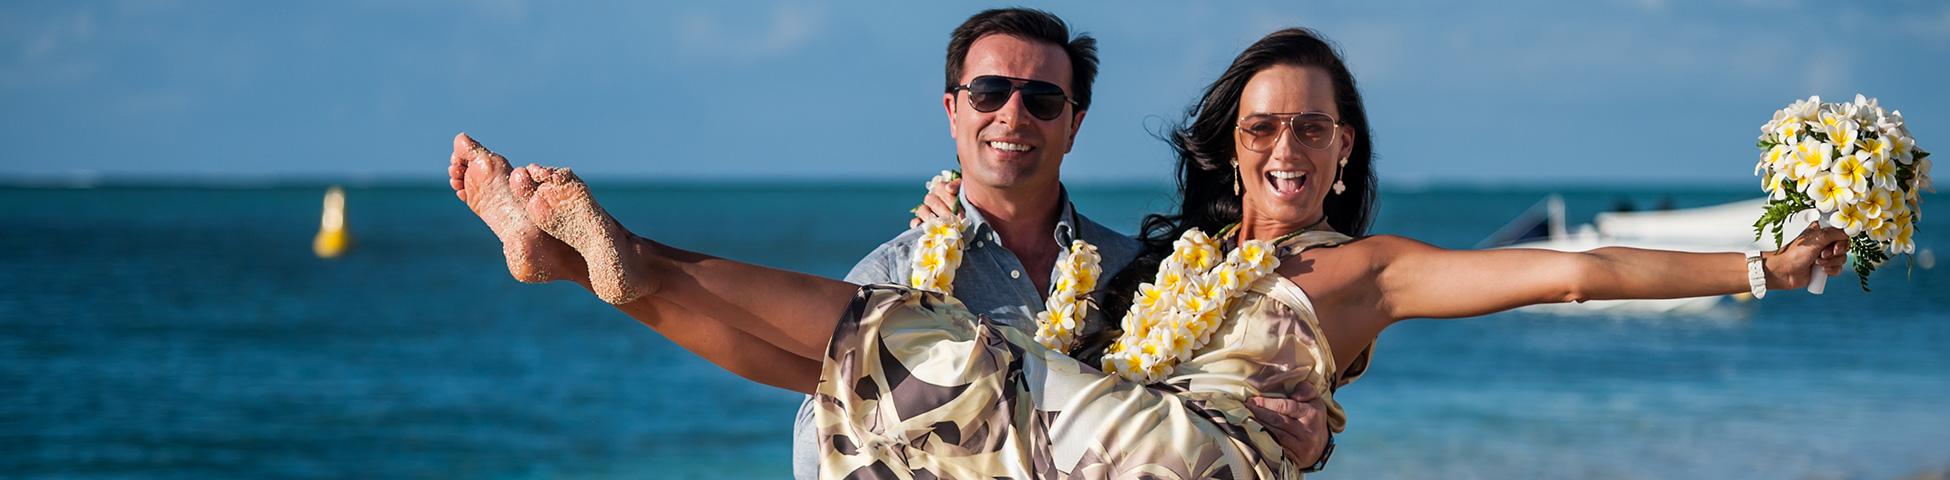 Ihre tropische Hochzeit in Mauritius